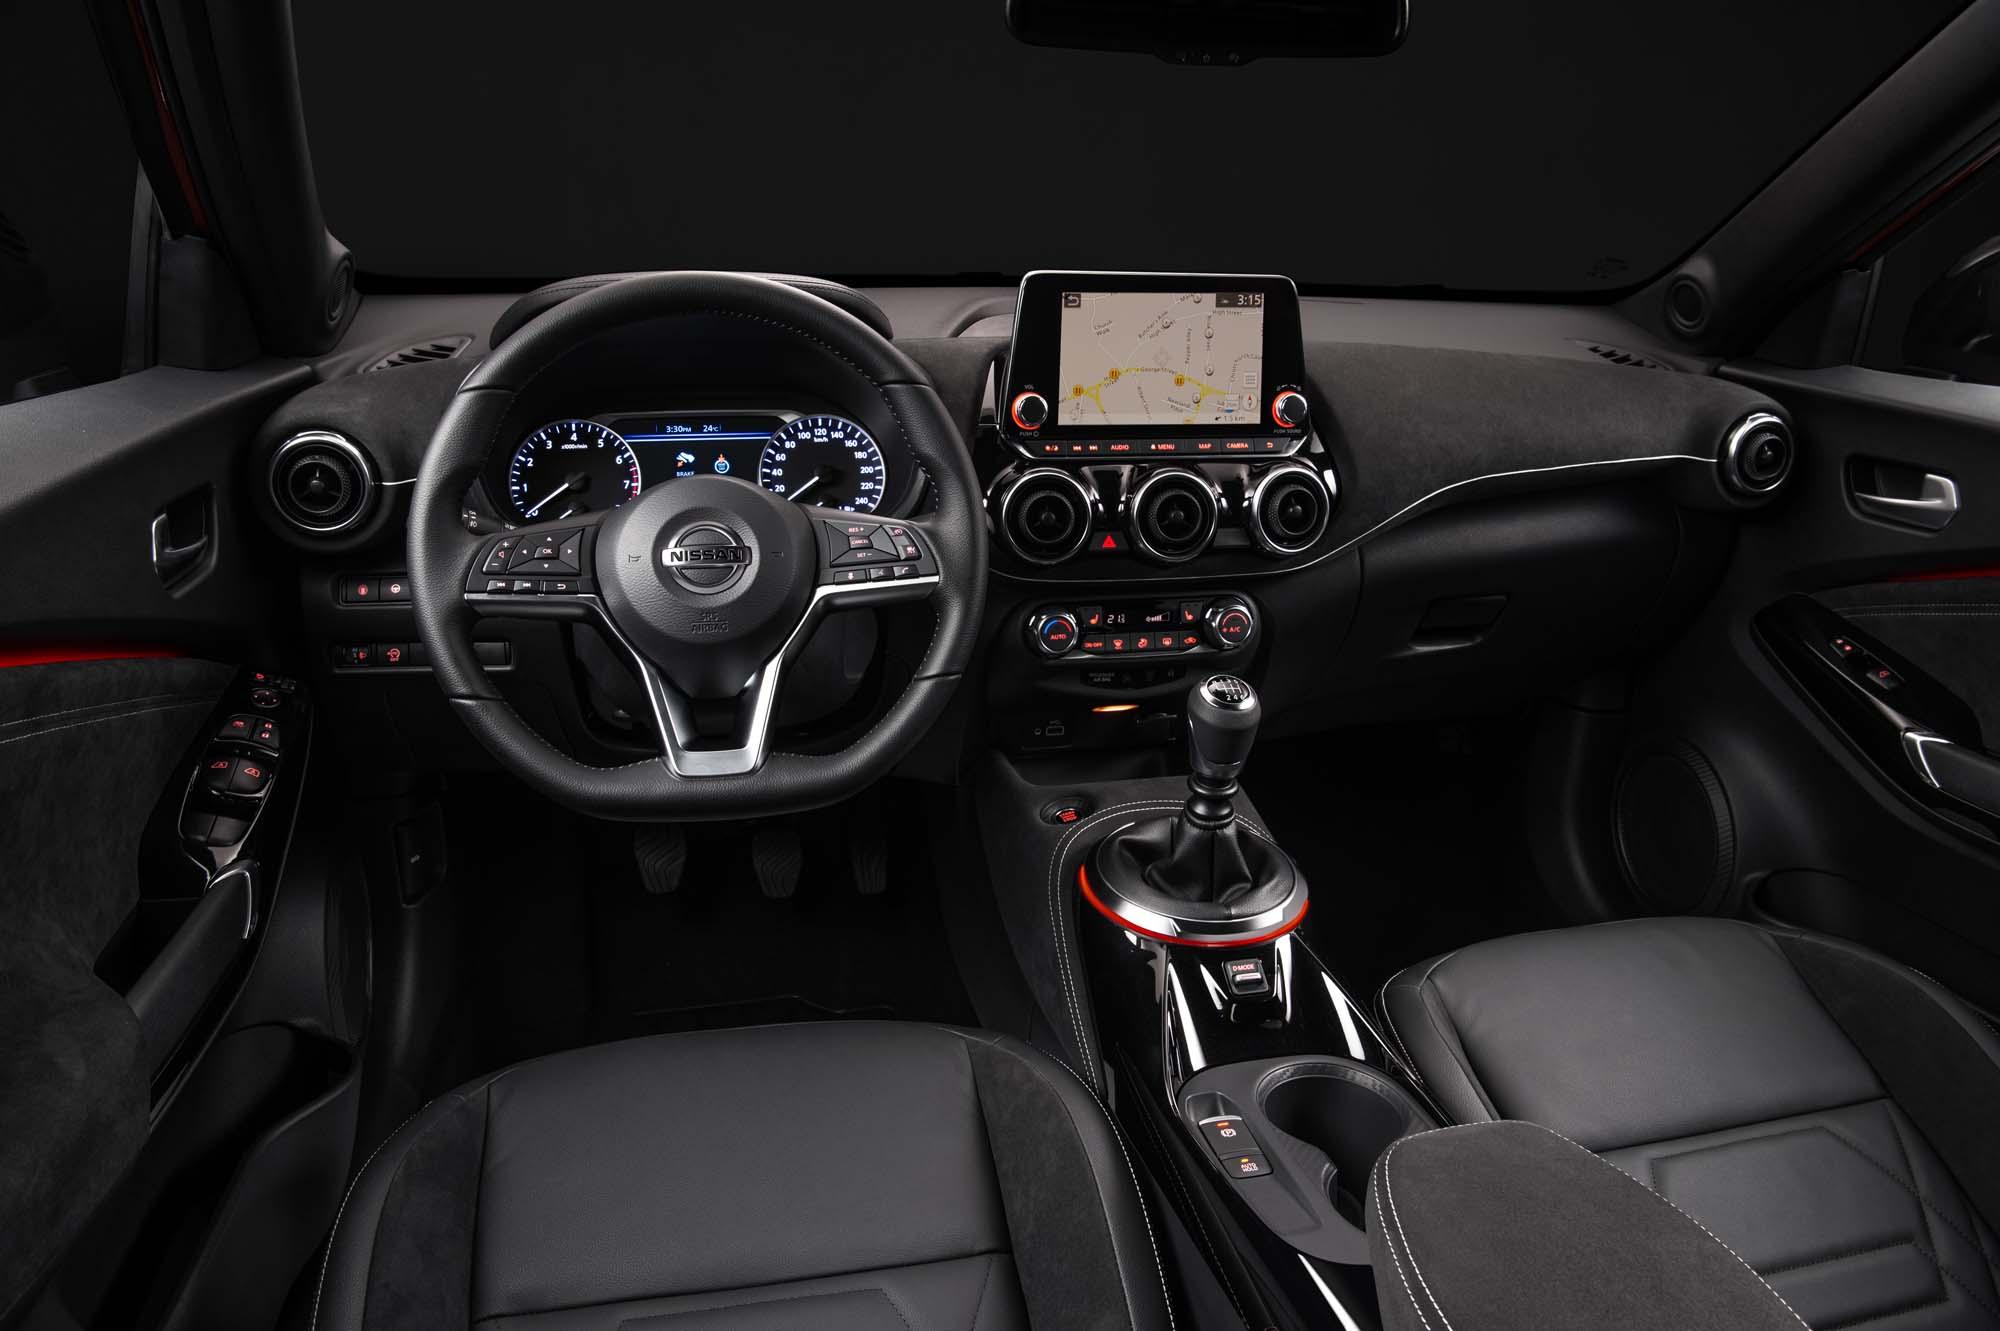 Χρηστικές συμβουλές από την Nissan Alpha AutoTeam για το πώς να απολυμάνετε το όχημά σας,  χωρίς να καταστρέψετε το εσωτερικό του